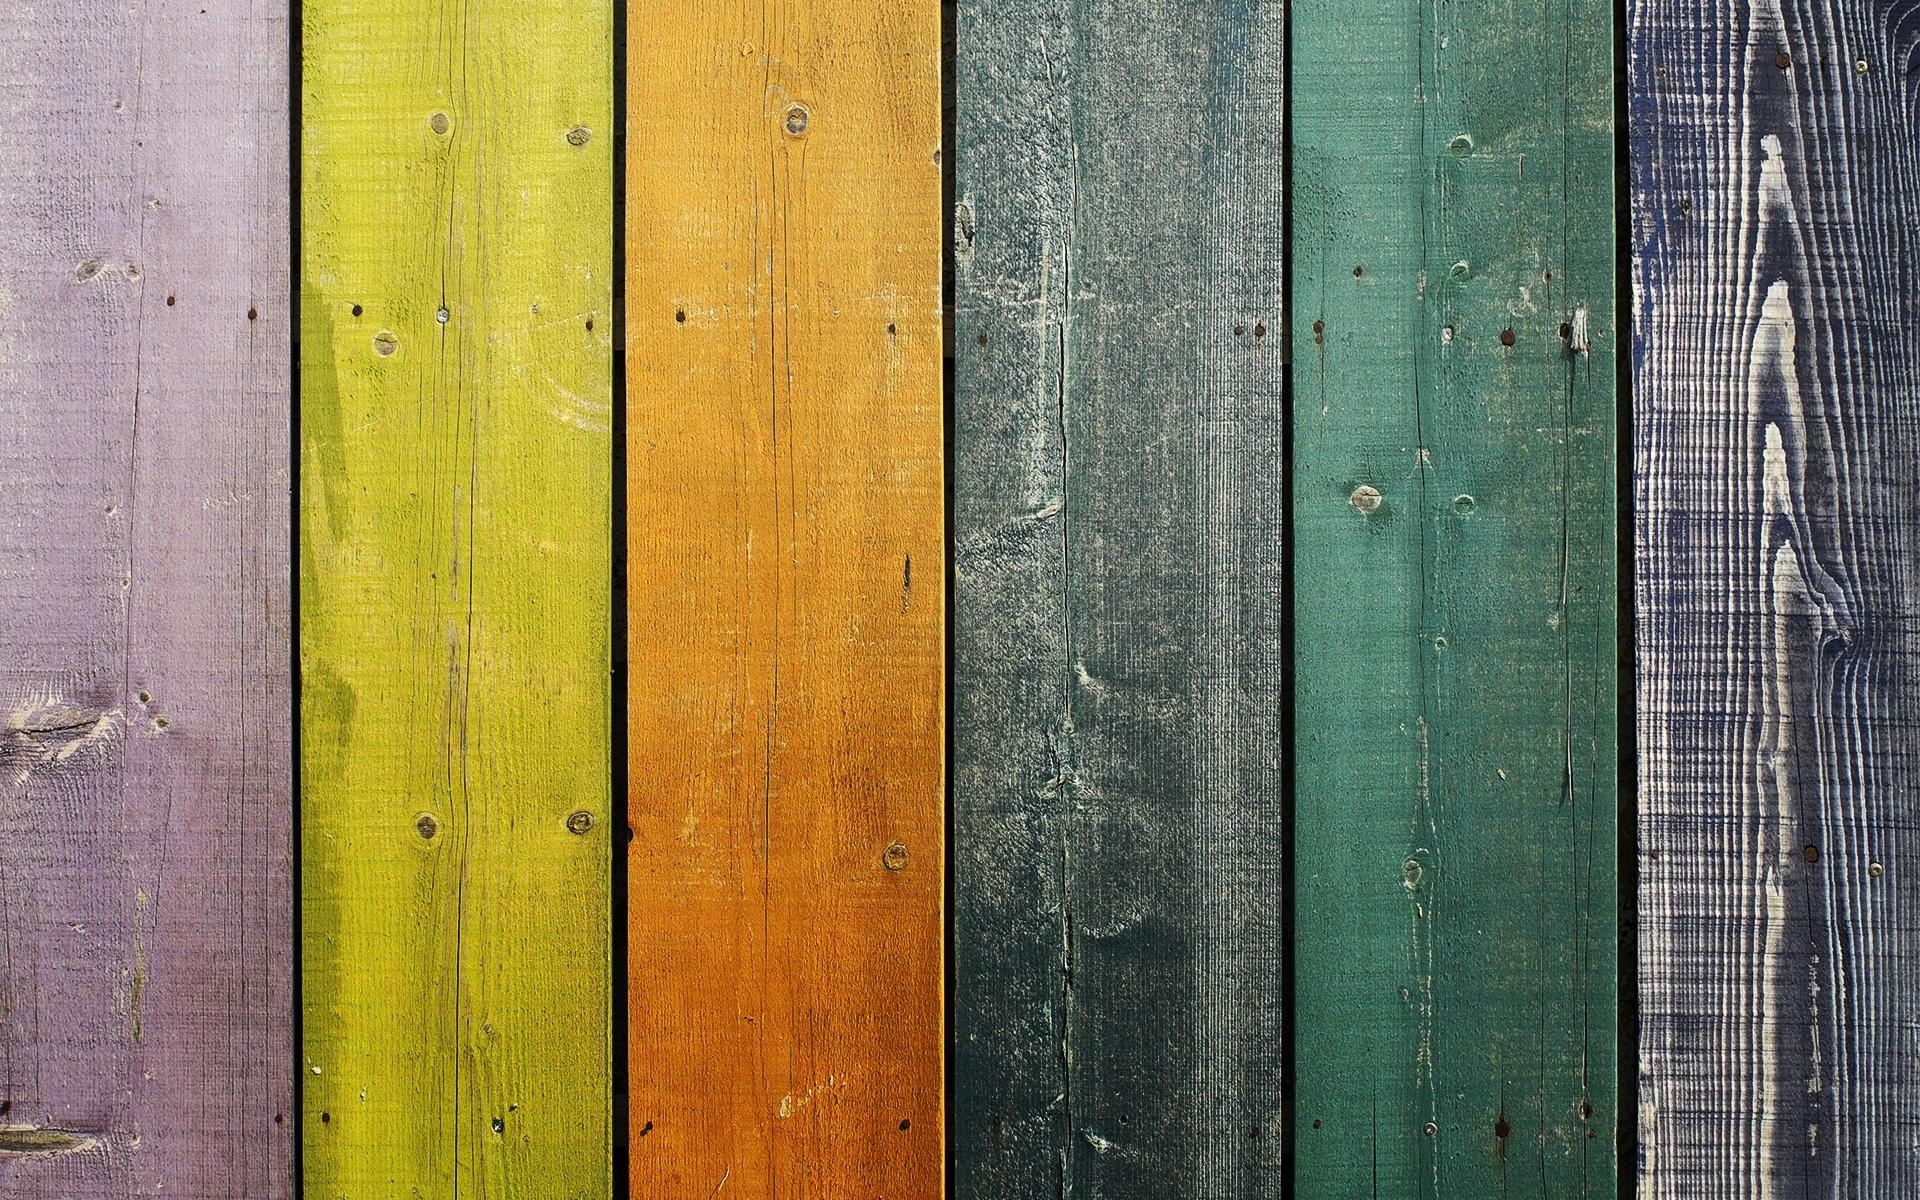 Best Iphone 4s Wallpapers Hd Fondos De Pantalla Tablero De Madera De Fondo Los Colores